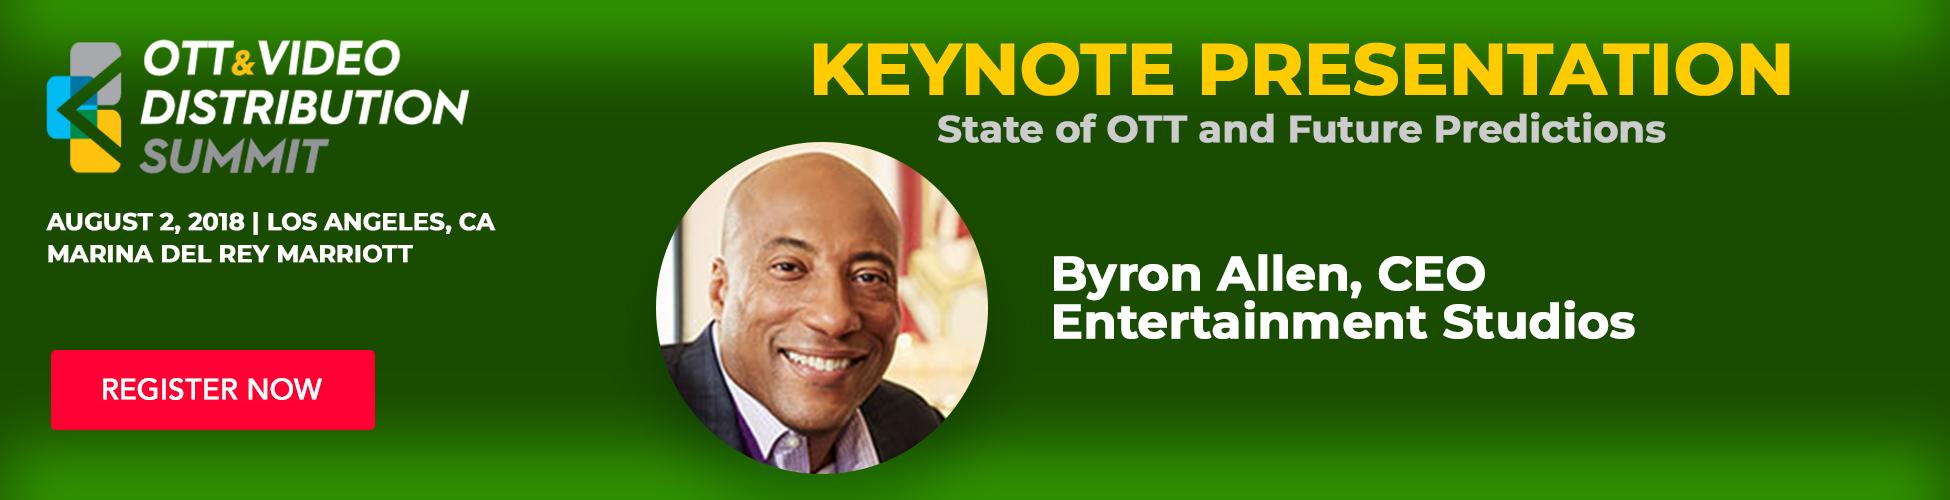 Byron Allen, CEO - Keynote Presentation